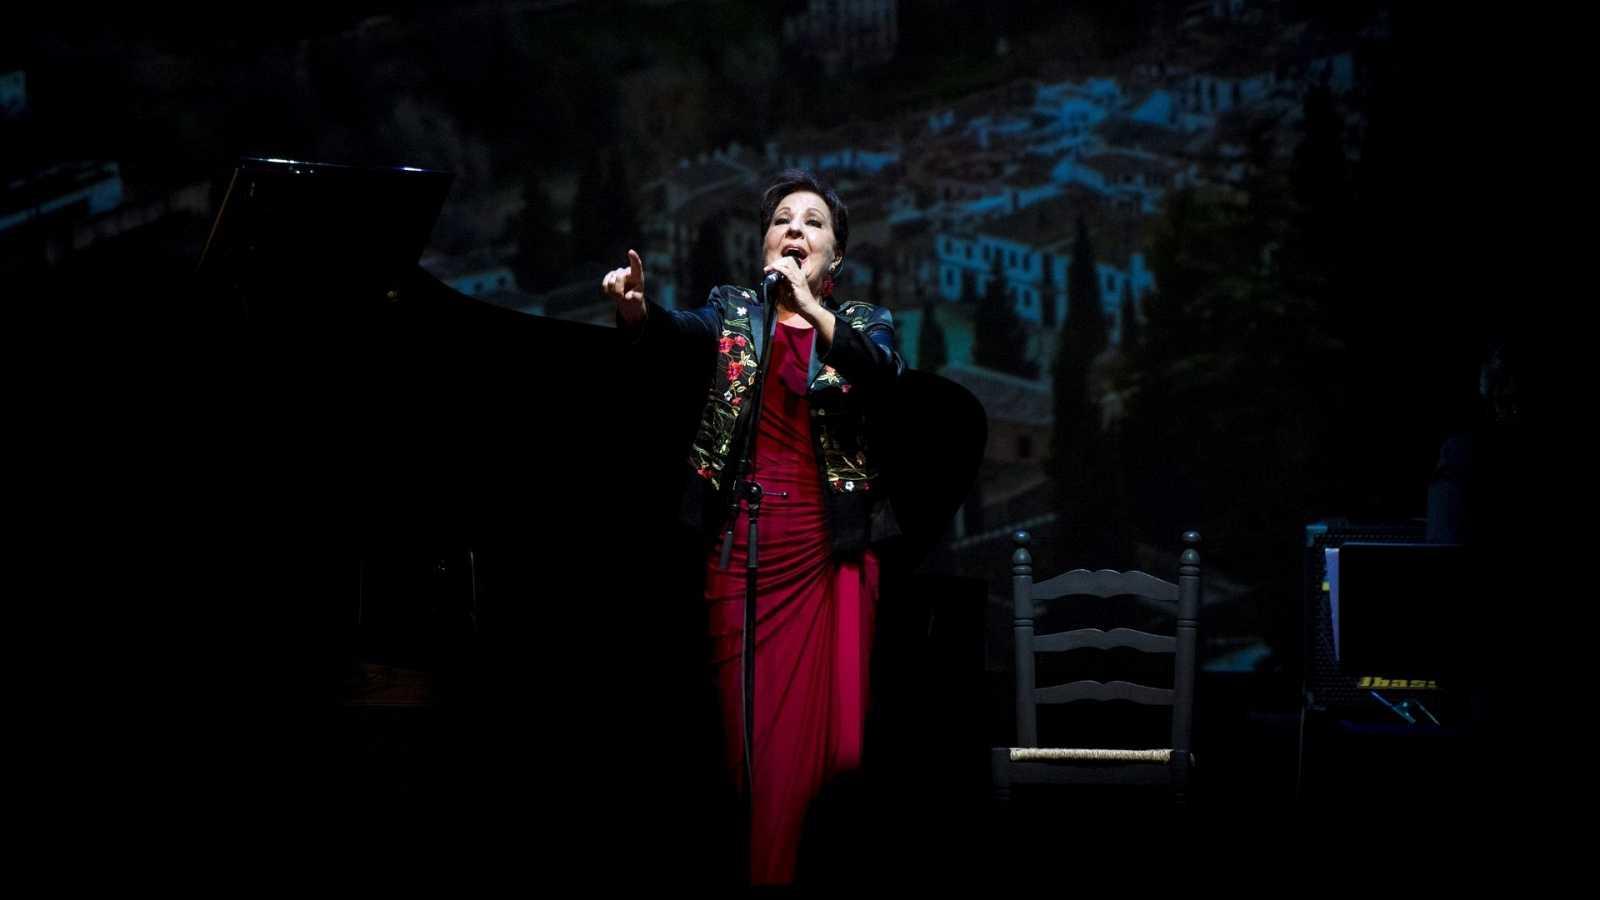 Nuestro flamenco - Carmen Linares, 40 años - 01/10/20 - escuchar ahora